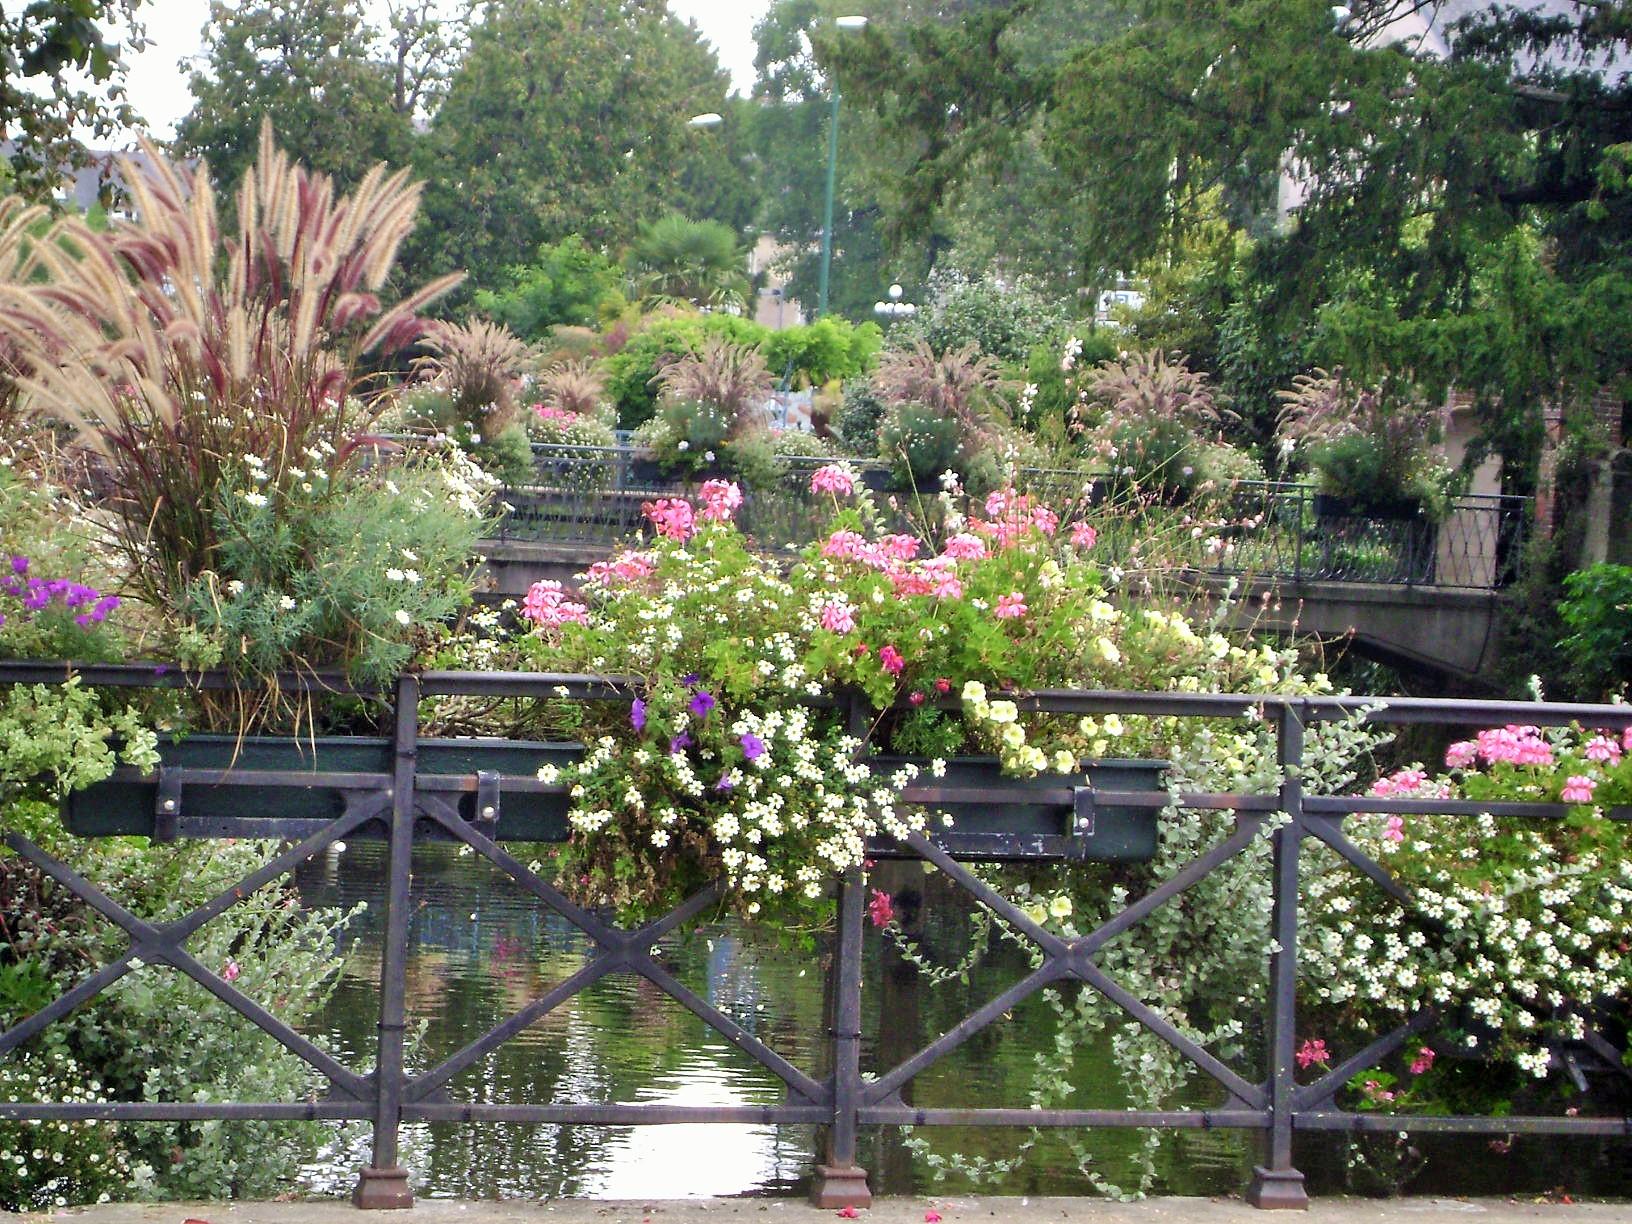 Container Gardening Ideas: Flowered Bridges of Quimper